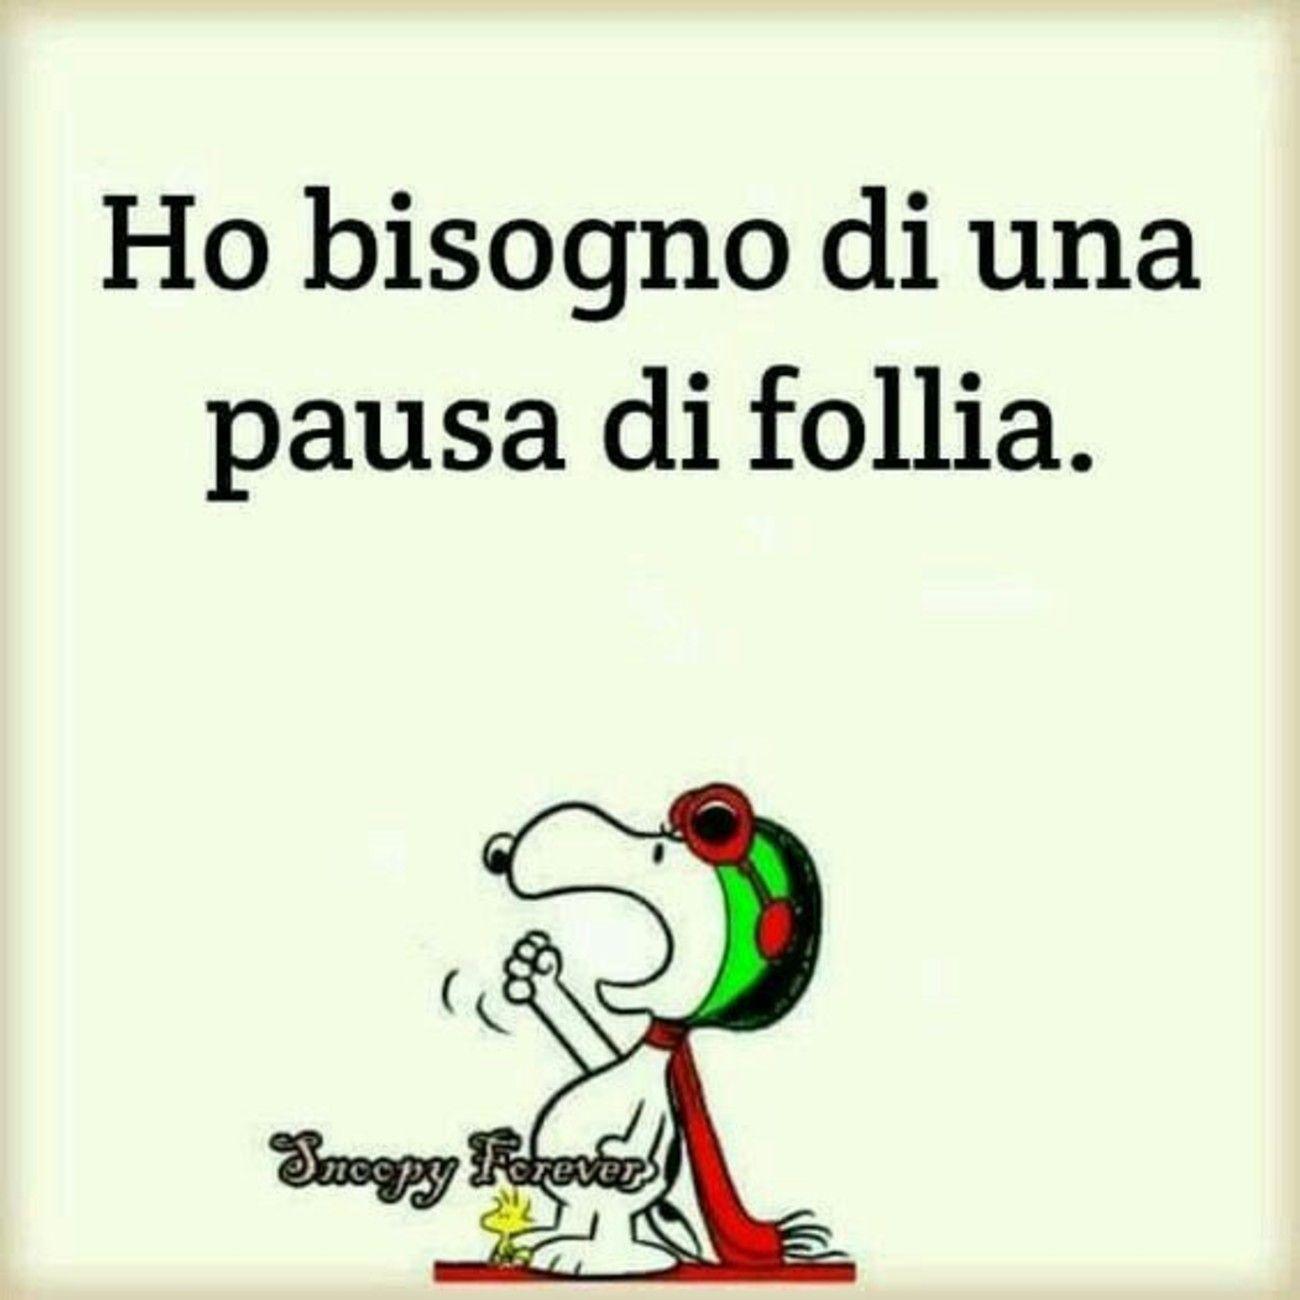 Immagini Snoopy Con Frasi 5621 Altro Snoopy Immagini